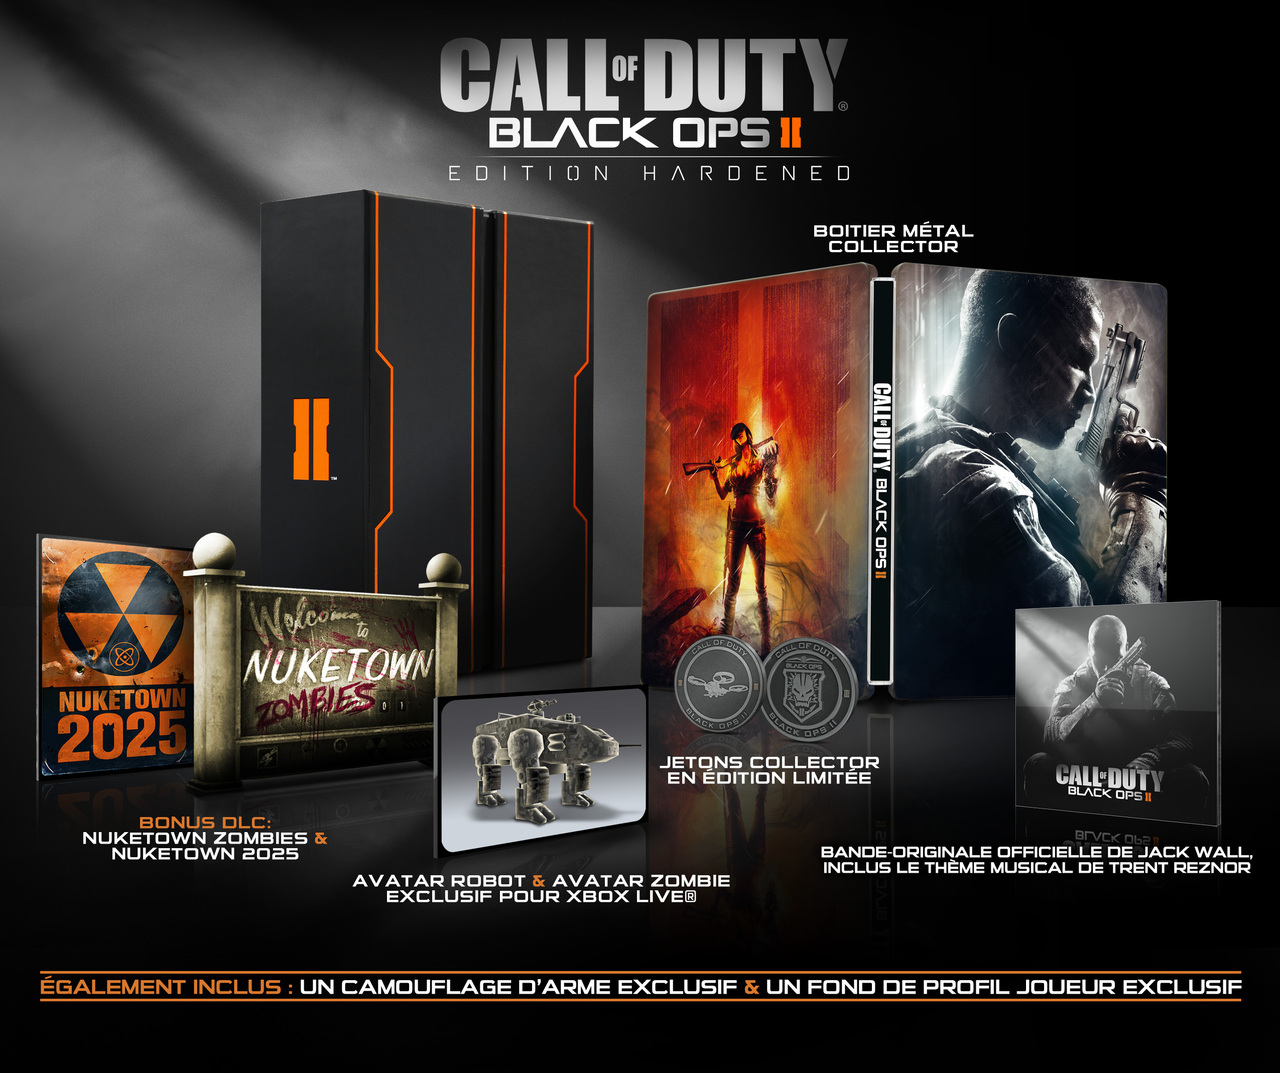 Call Of Duty Black OPS 2 Call-of-duty-black-ops-ii-xbox-360-1346175345-022